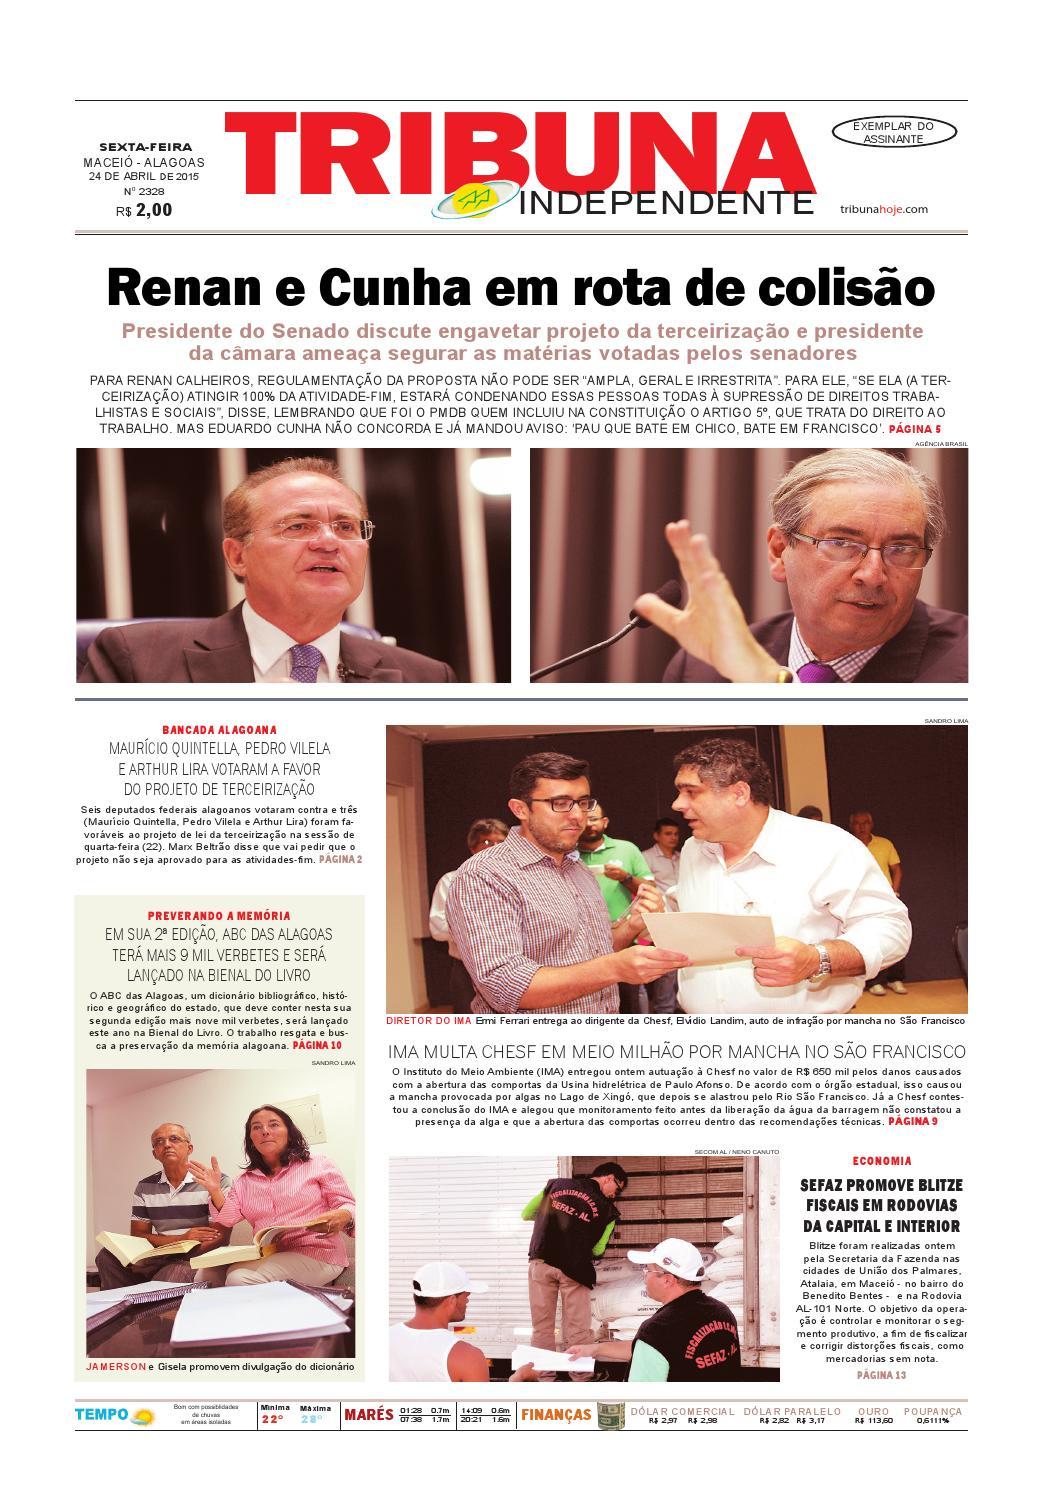 e17949af46f2c Edição número 2328 - 24 de abril de 2015 by Tribuna Hoje - issuu